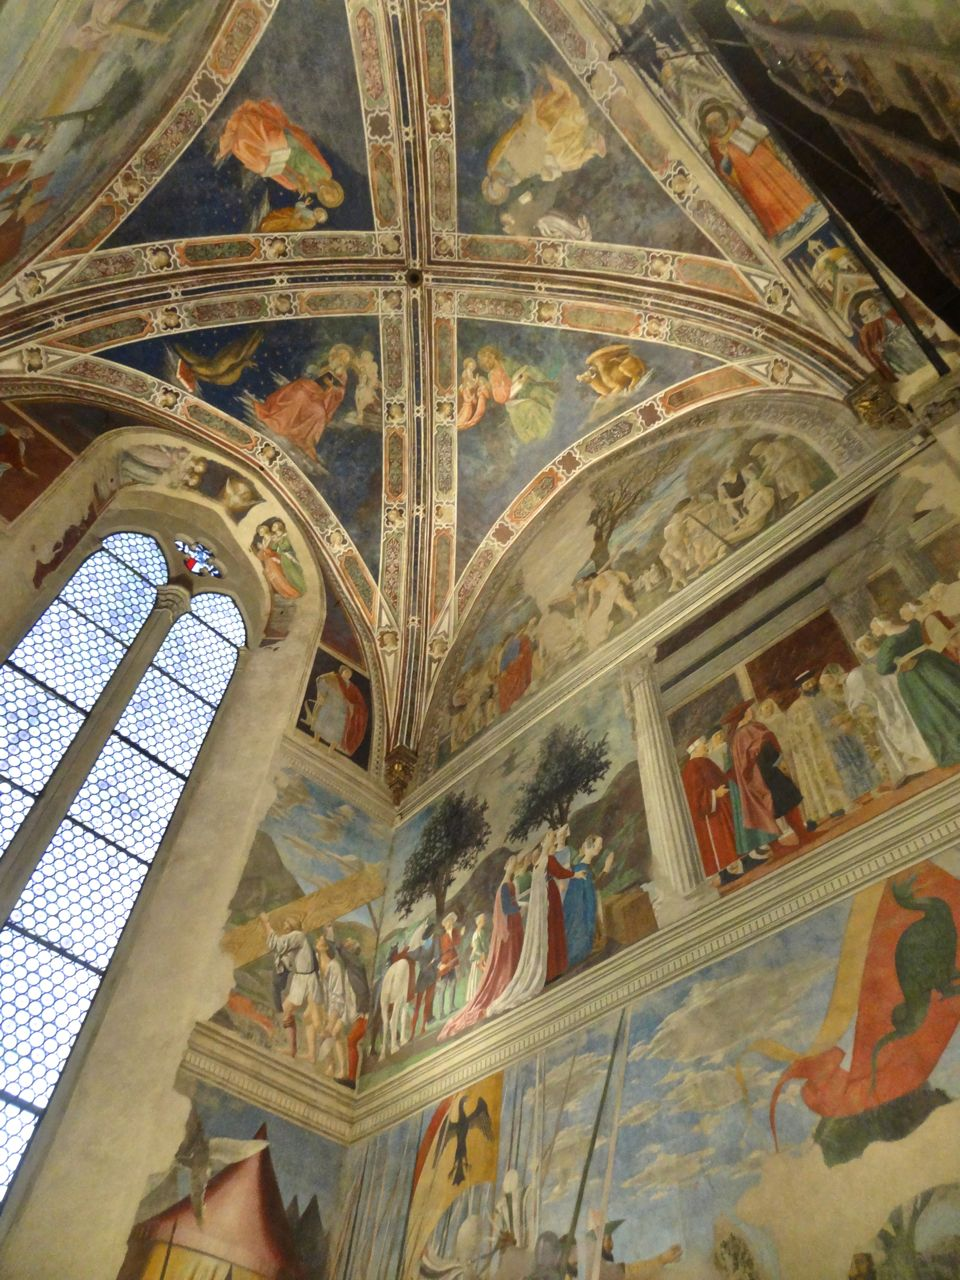 piero della fransesca herakles artwork Piero della francesca — a mathematician gets fierce with perspective | trivium art history.